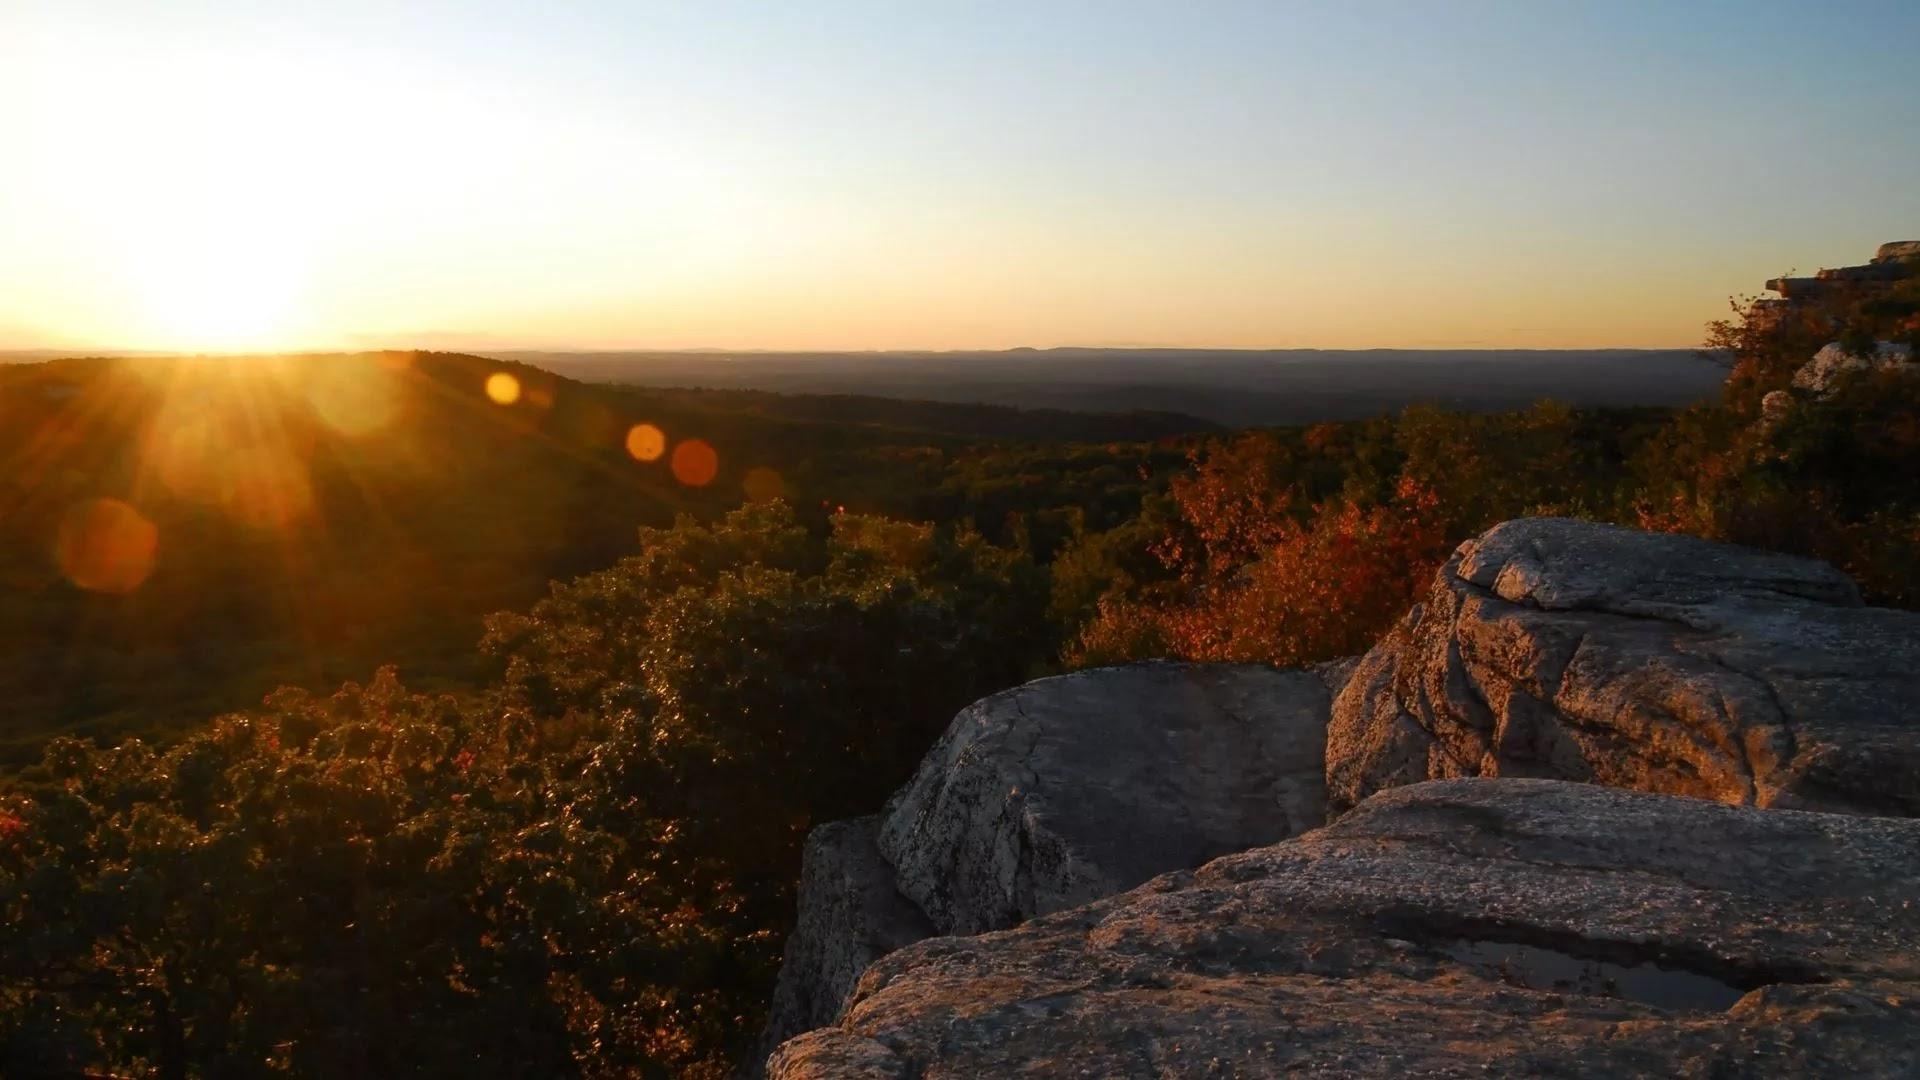 New York Upstate evening image